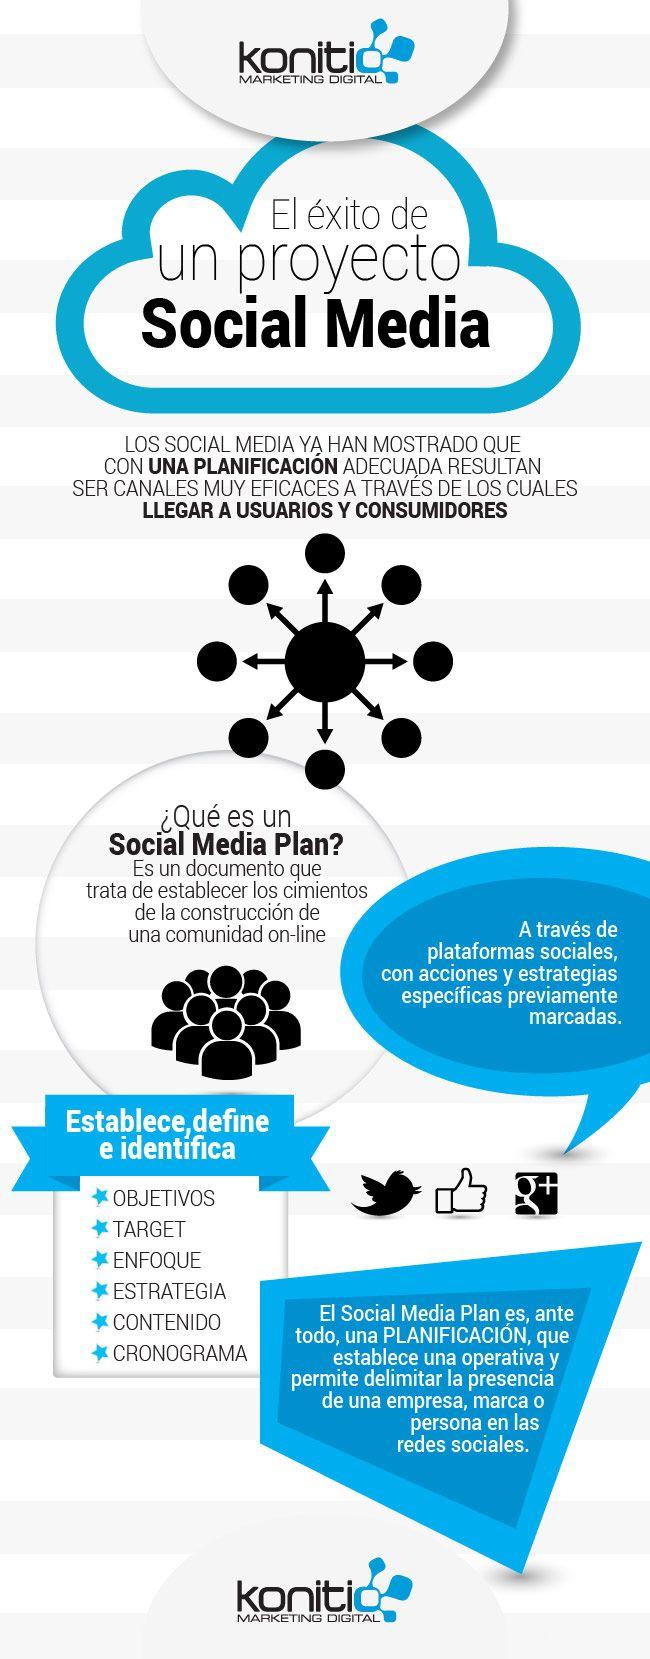 El éxito de un proyecto Social Media vía: http://www.konitio.com